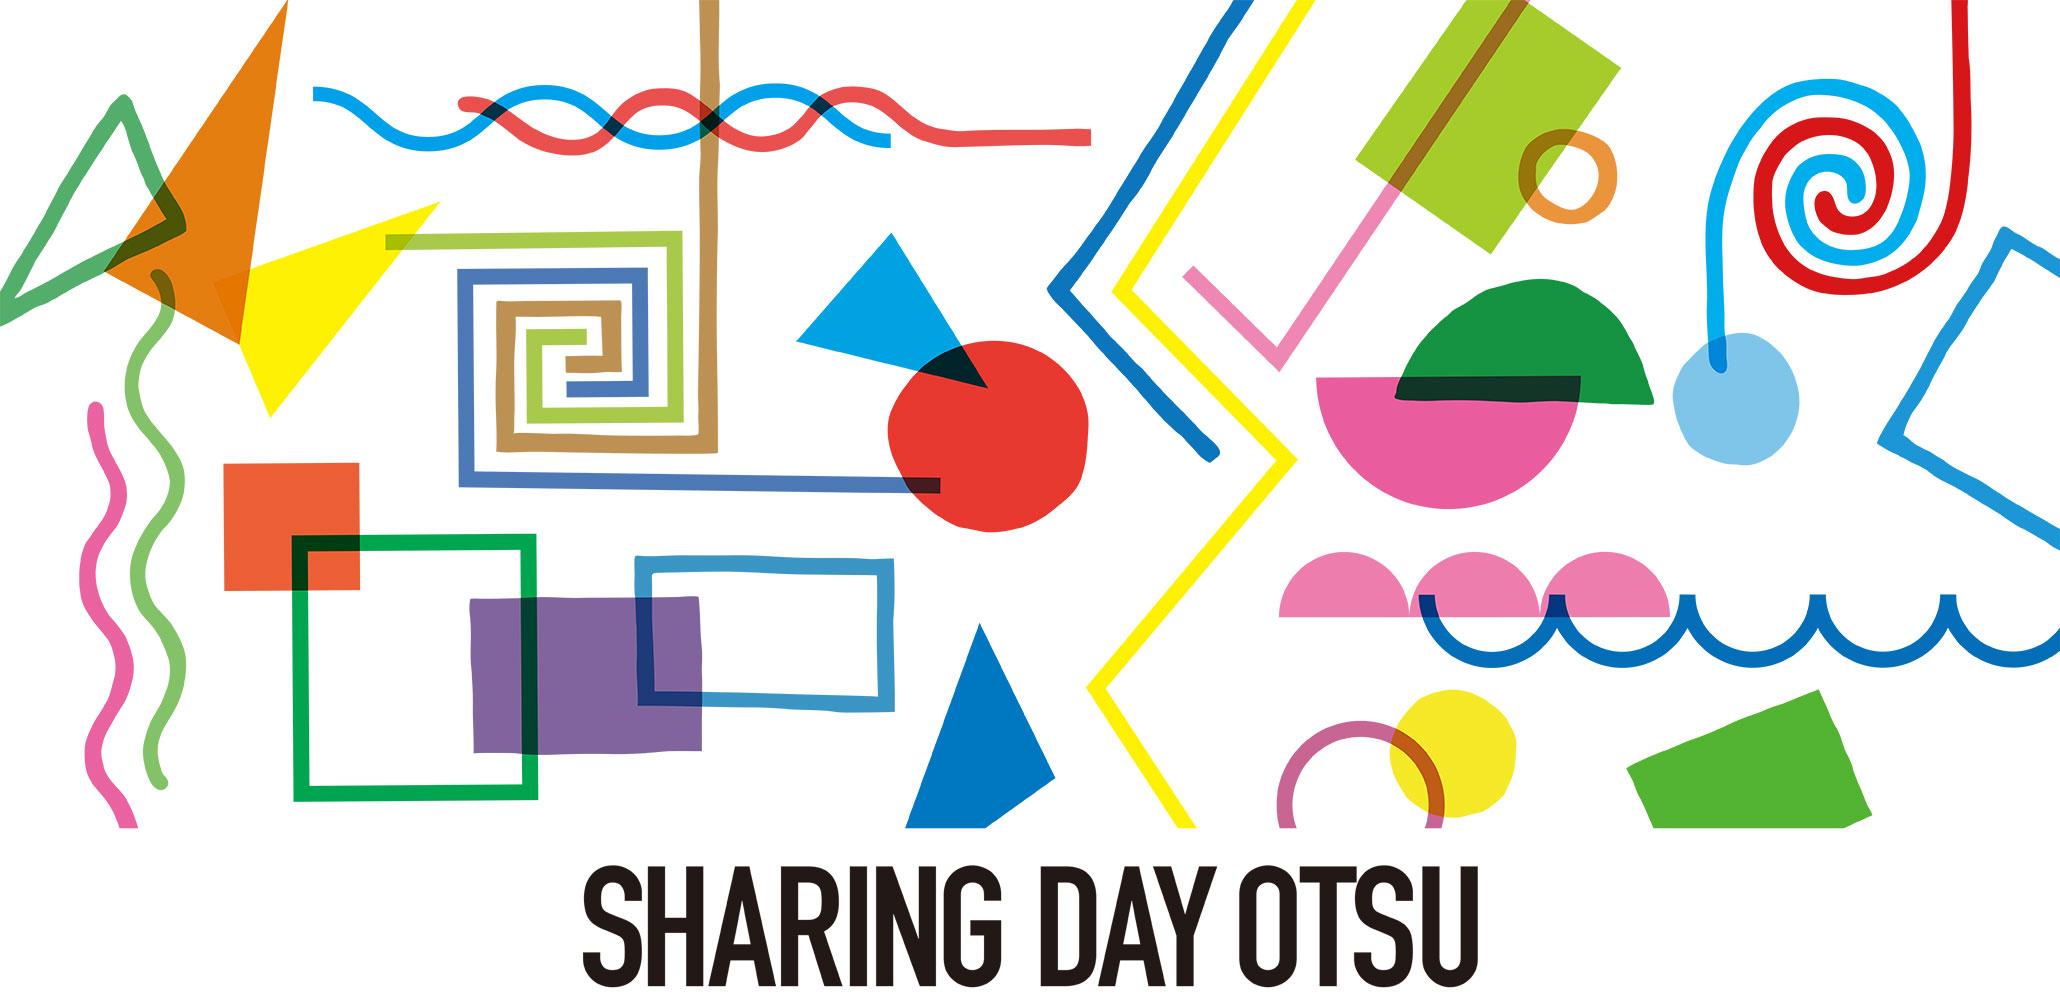 9月26日(水)〜9月30日(日) 「SHARING DAY OTSU」が開催されます!